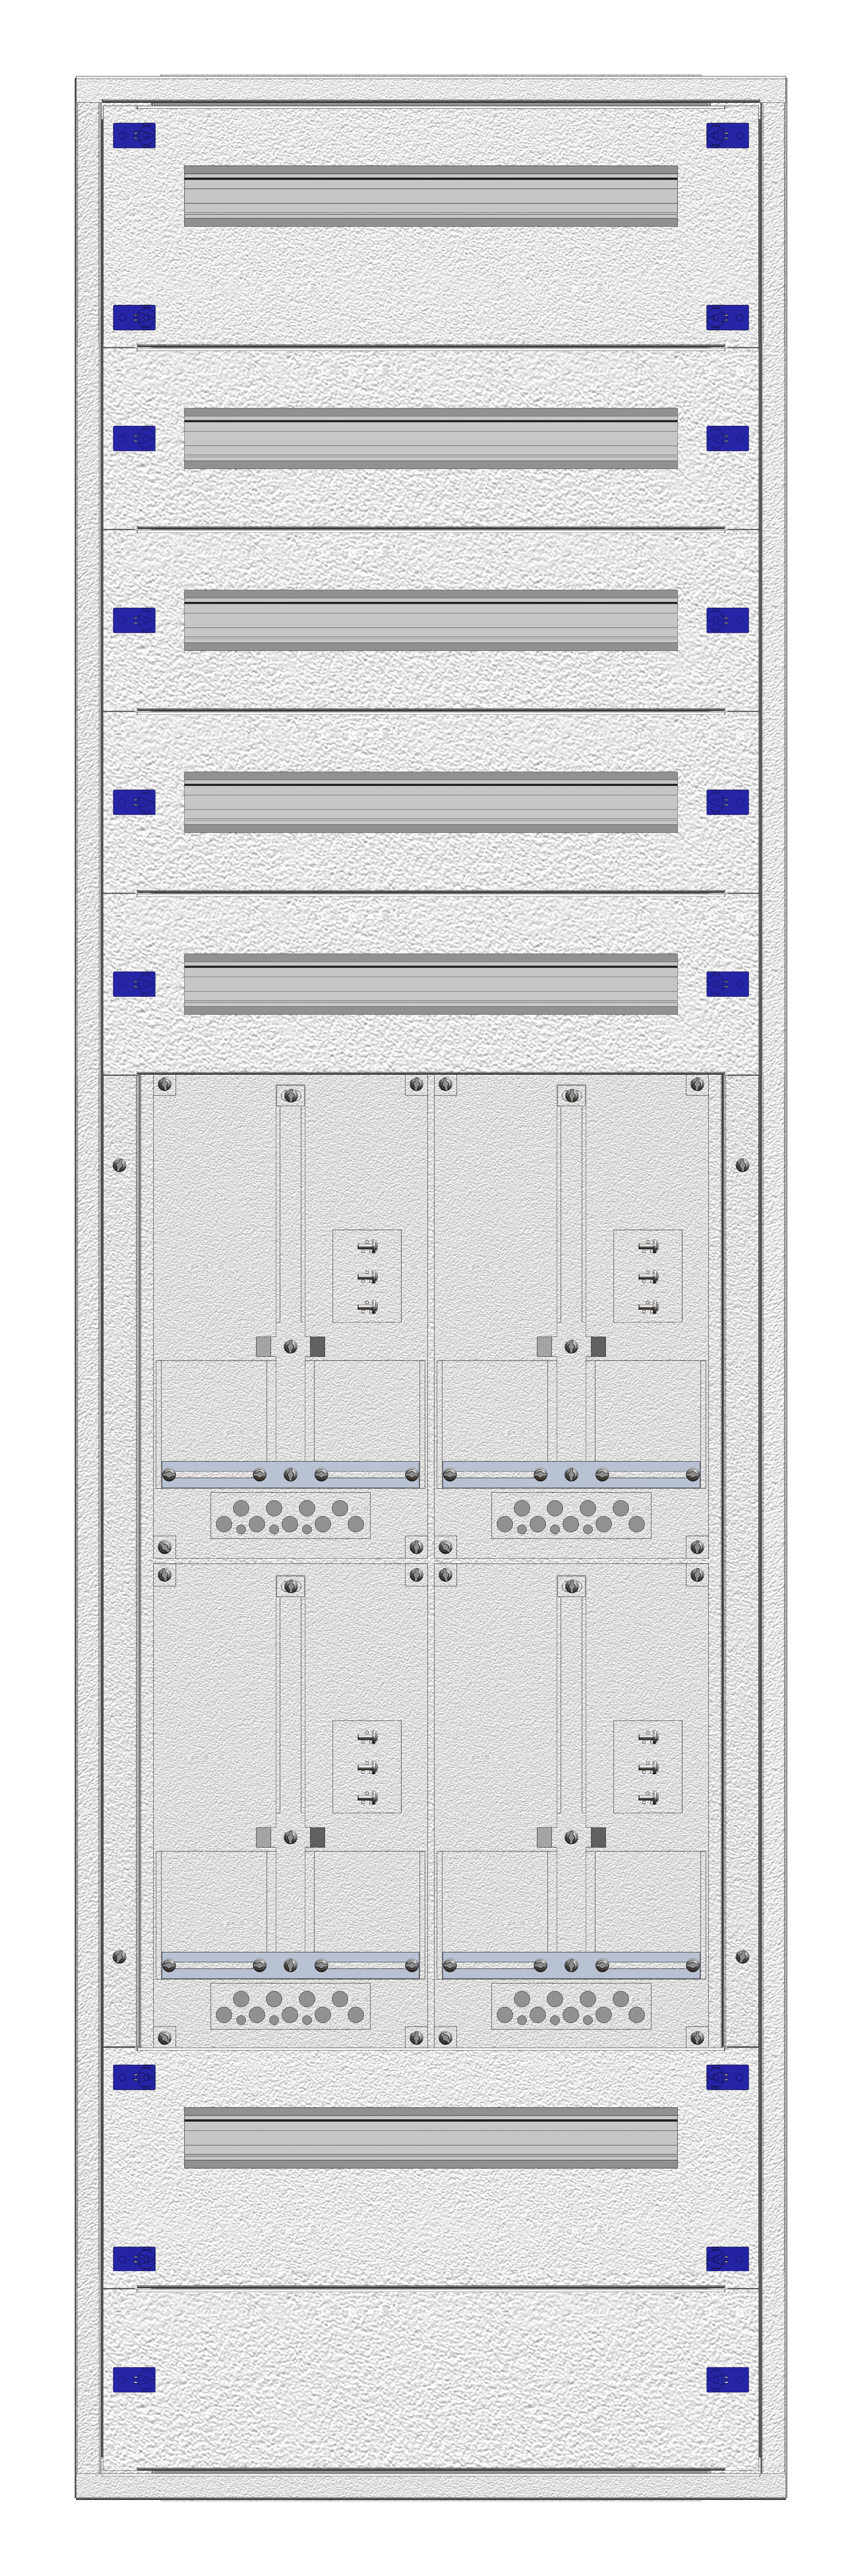 1 Stk Aufputz-Zählerverteiler 2A-39G/WIEN 4ZP, H1885B590T250mm IL162239WS